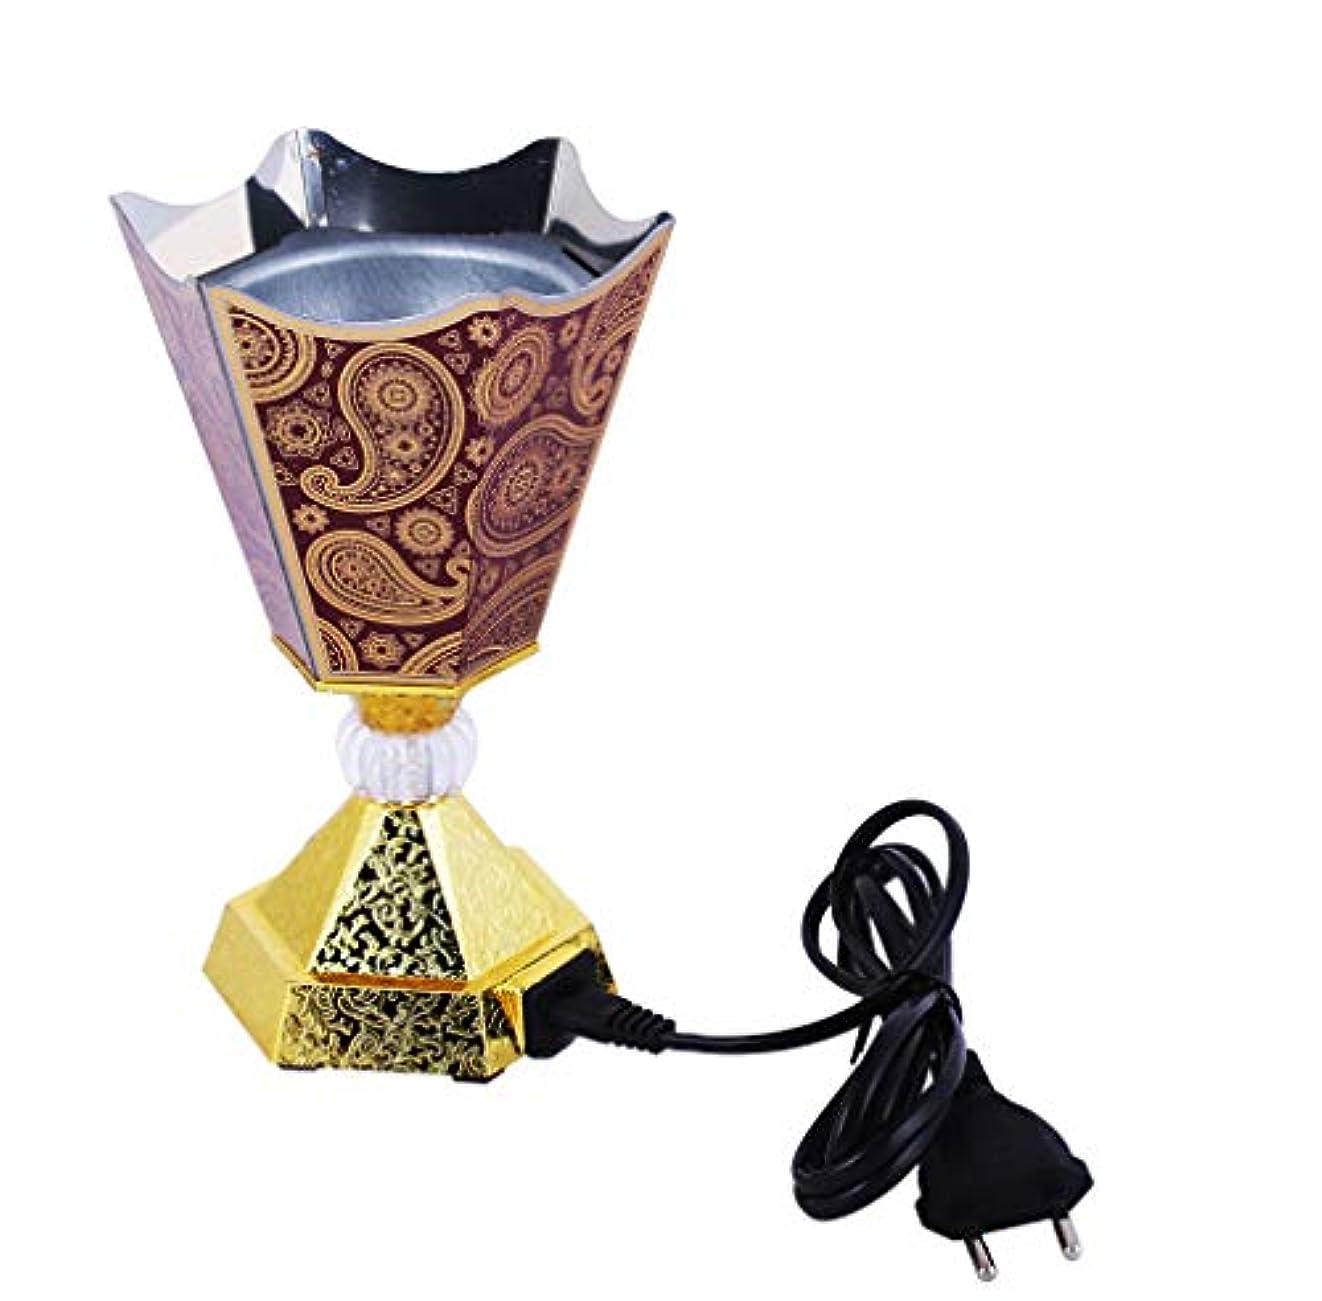 例外思春期の扇動するVintage Style Incense Bakhoor/Oud Burner Frankincense Incense Holder Electric, Best for Gifting